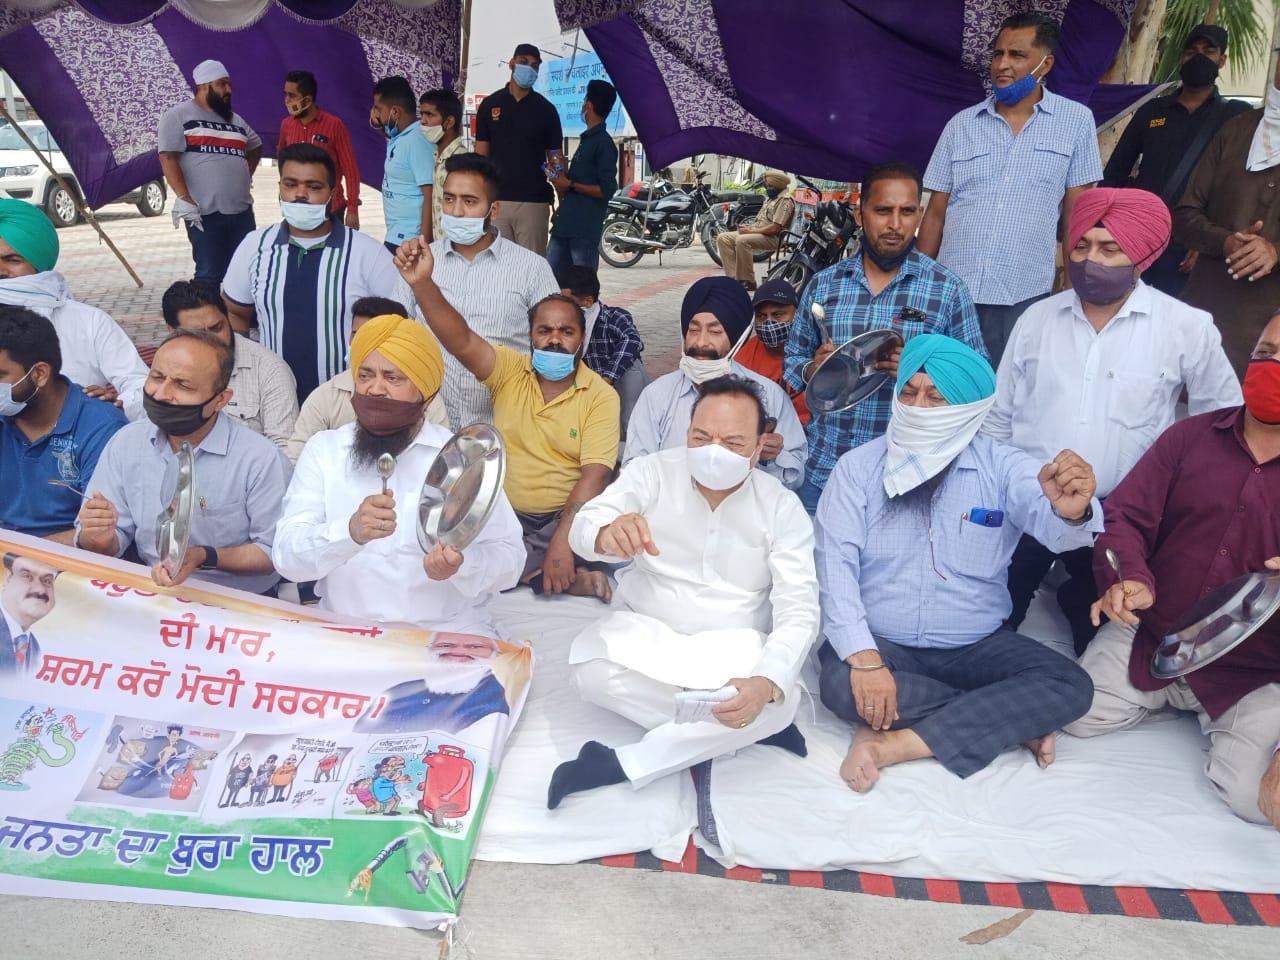 थाली-चम्मच बजा कांग्रेसी समर्थकों संग बोले सांसद व विधायक; बहुत हुई महंगाई की मार, शर्म करो मोदी सरकार|जालंधर,Jalandhar - Dainik Bhaskar